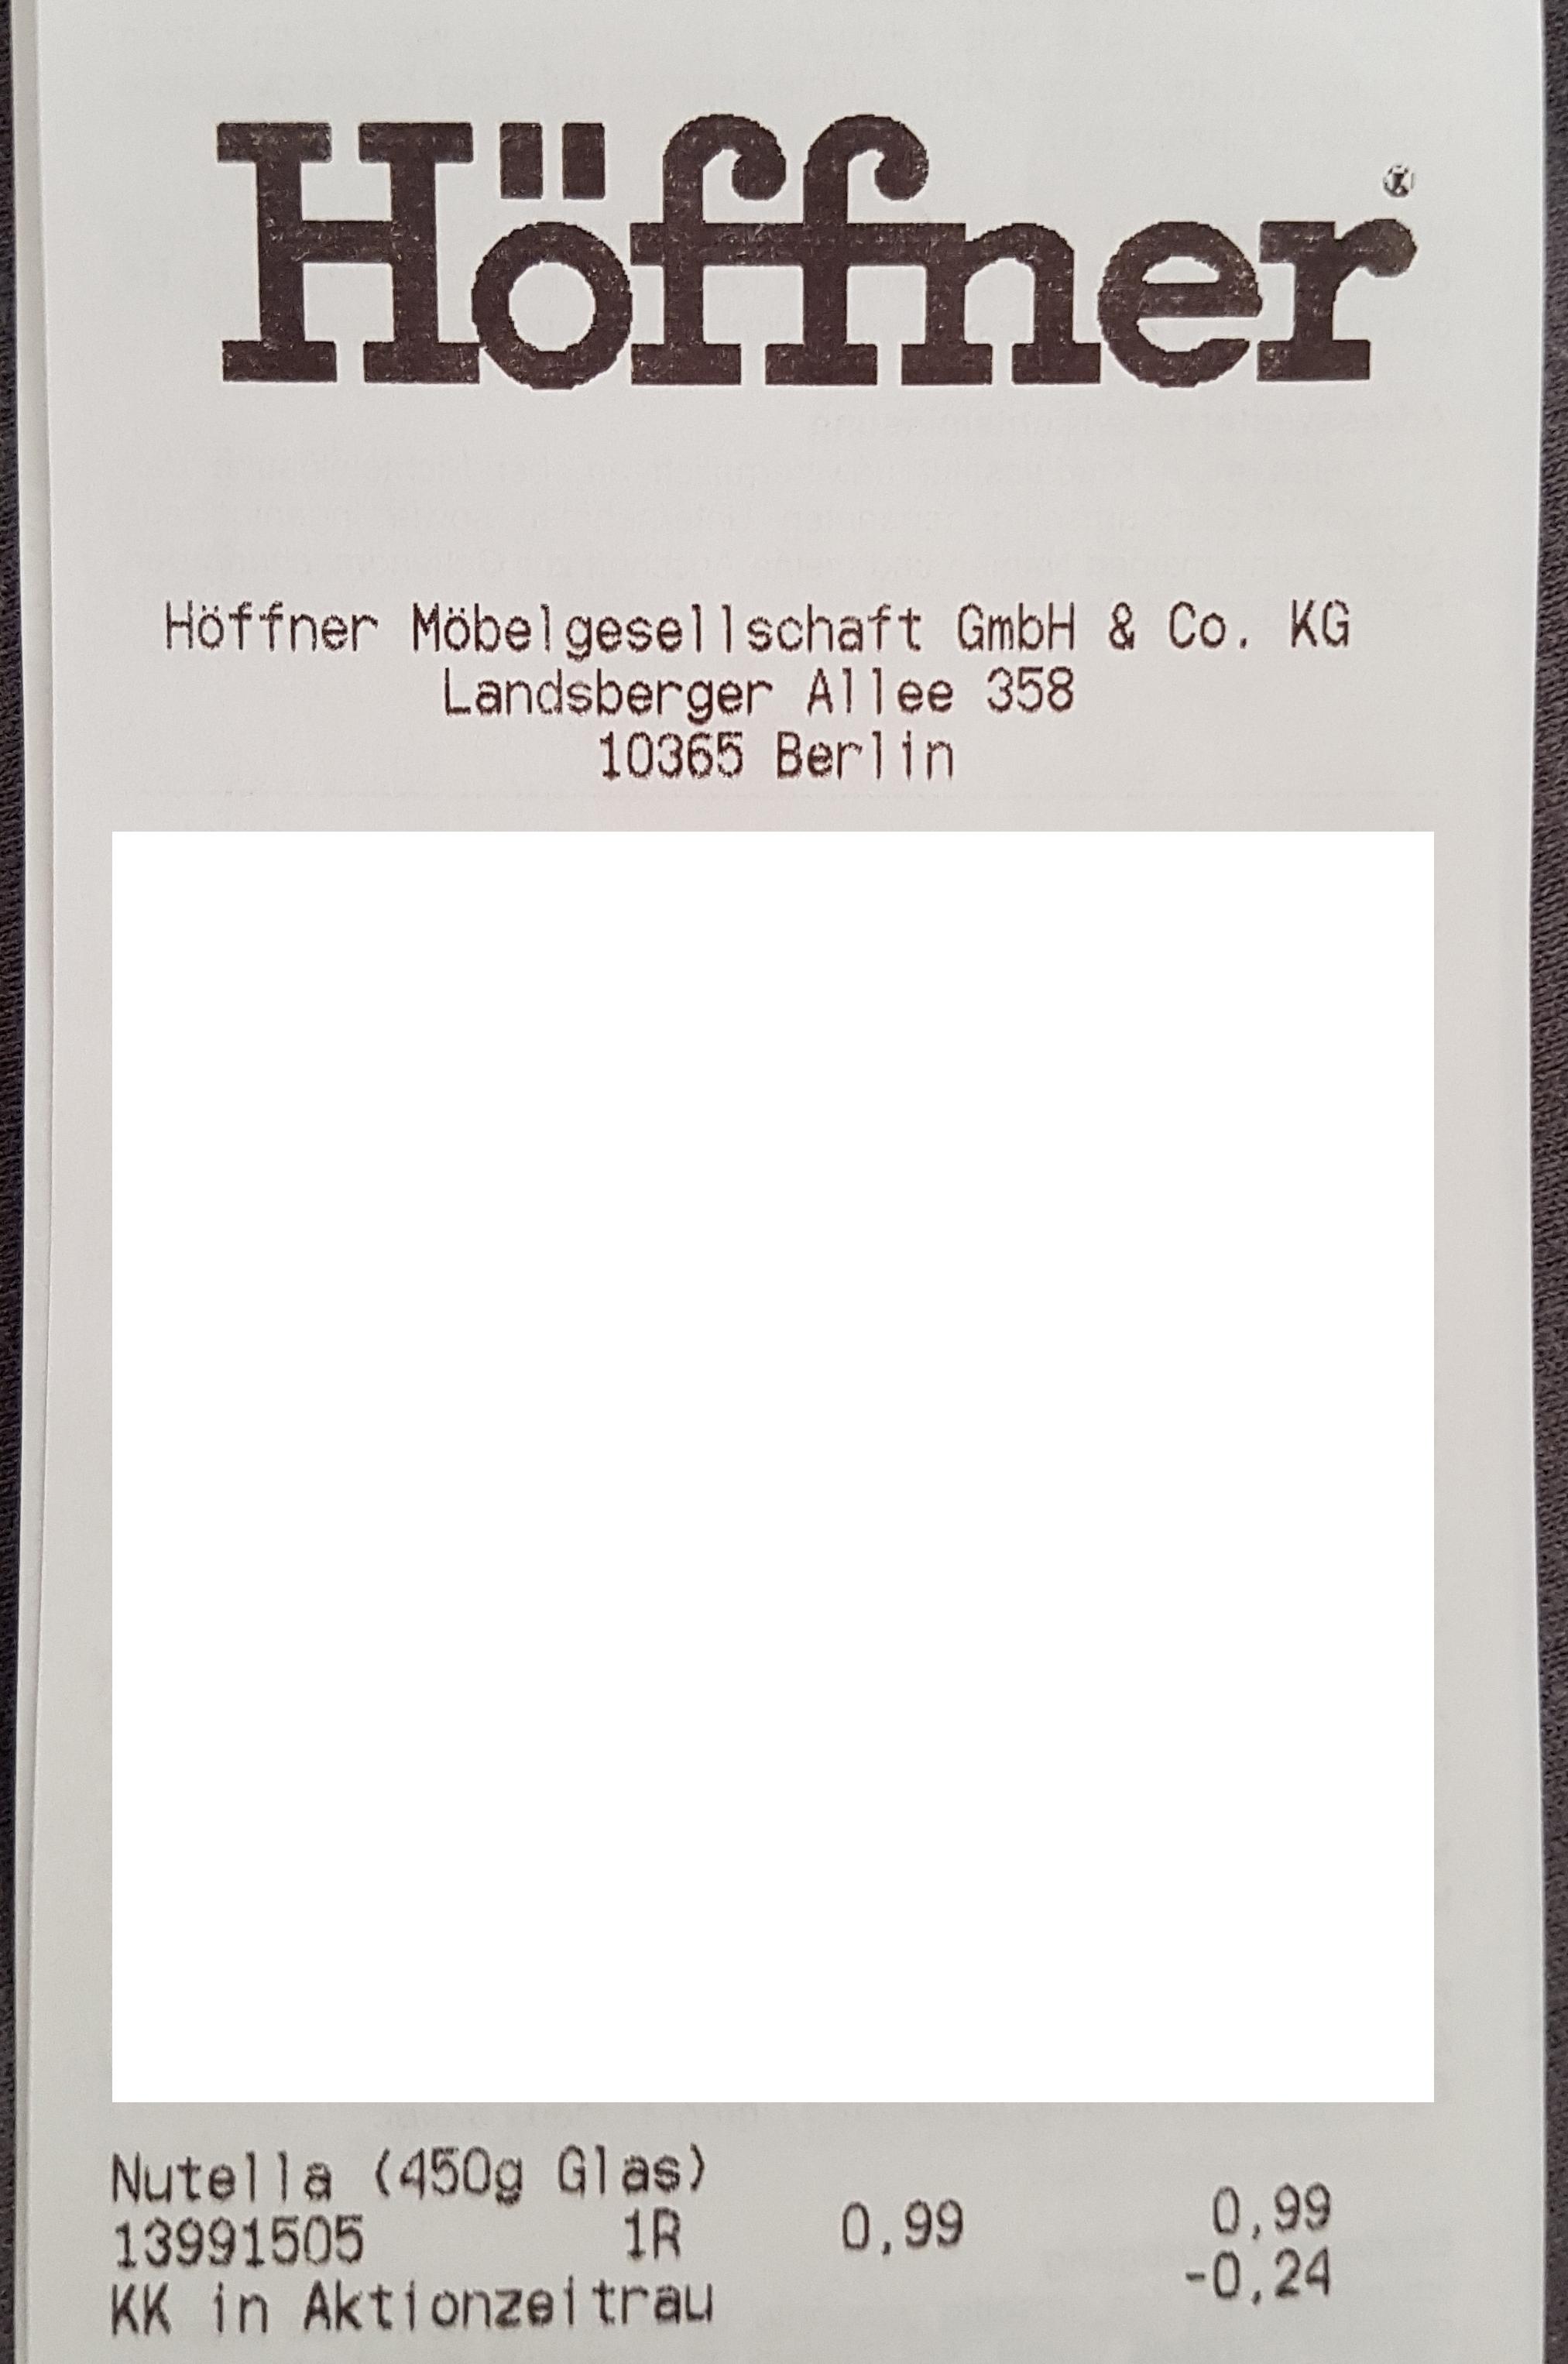 1046458.jpg